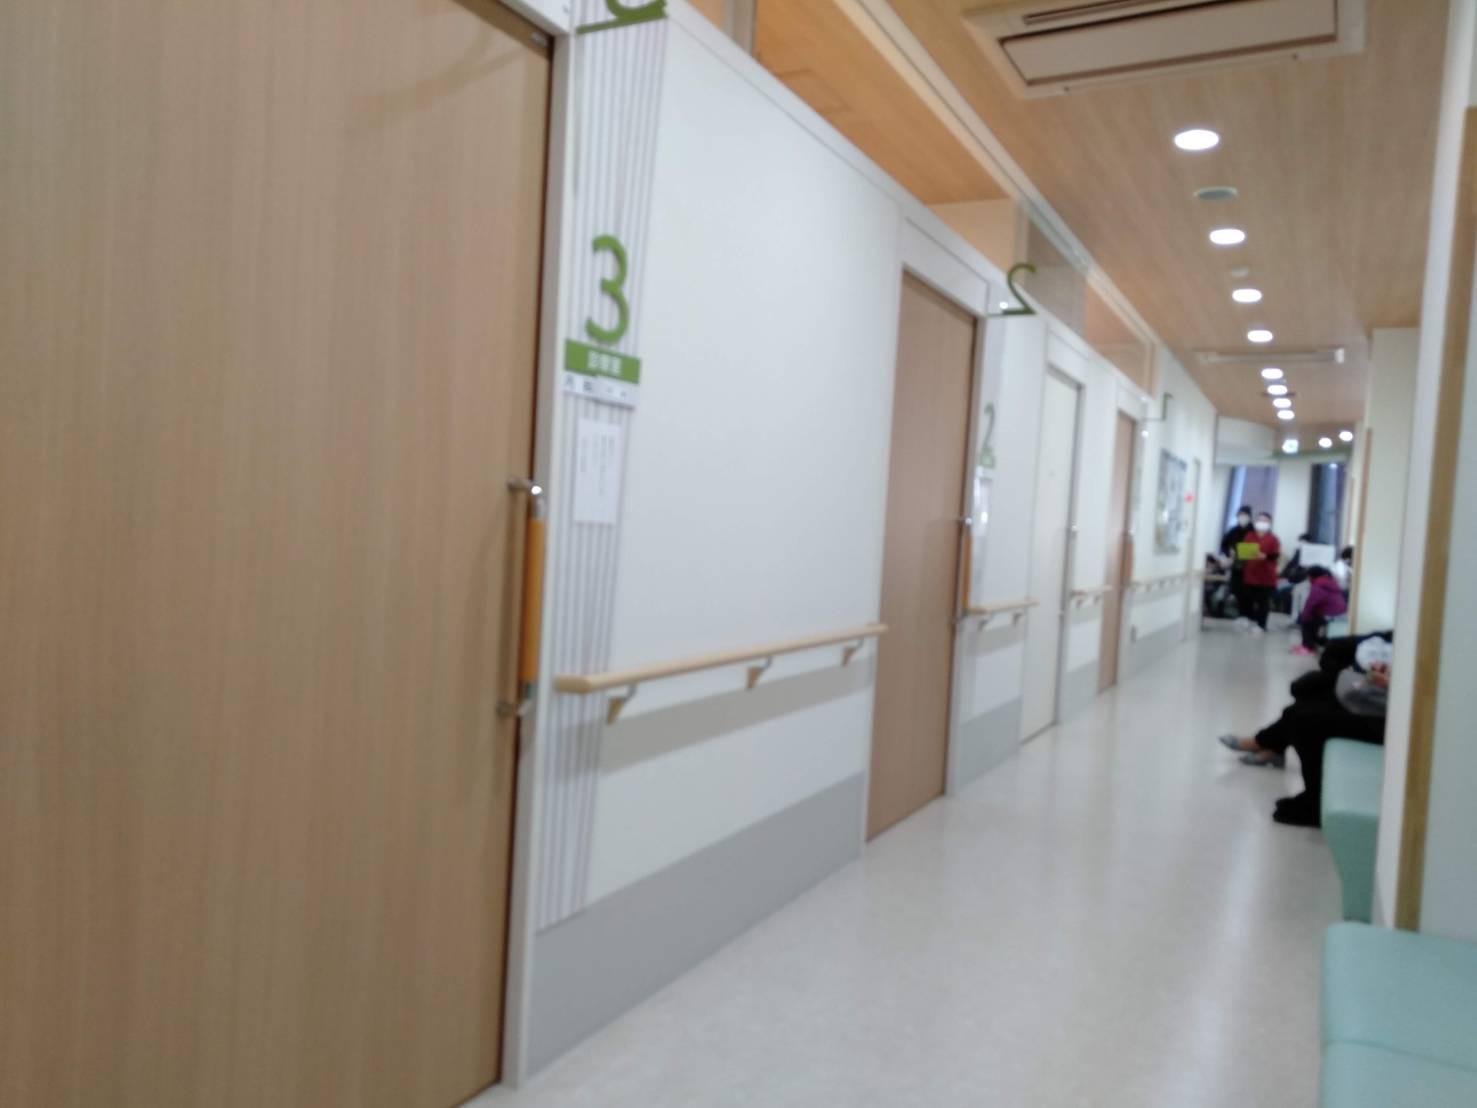 港北区休日急患診療所診察室